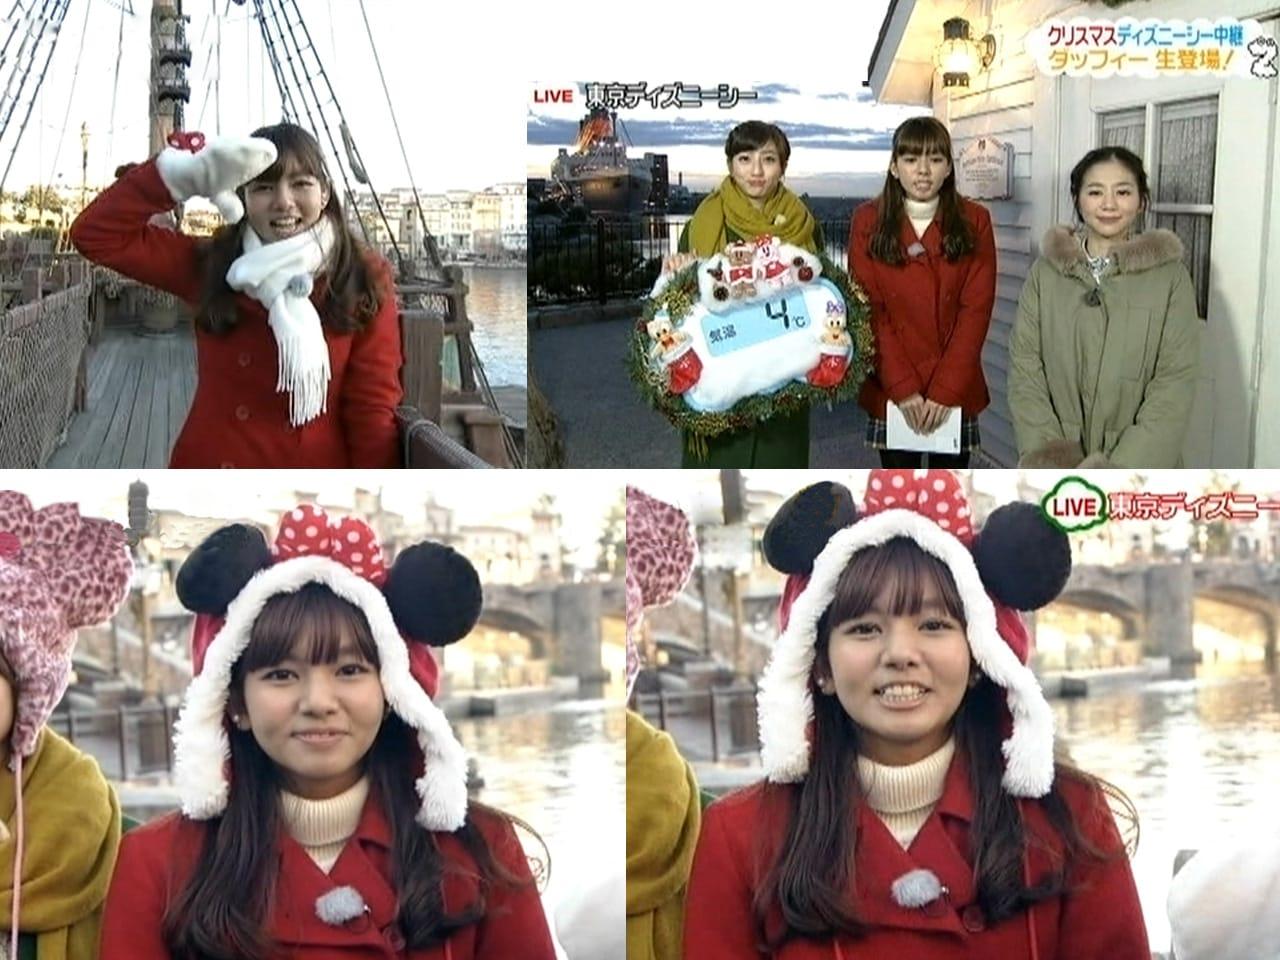 にわみきほ クリスマスディズニーシーより - アナレタッチ2